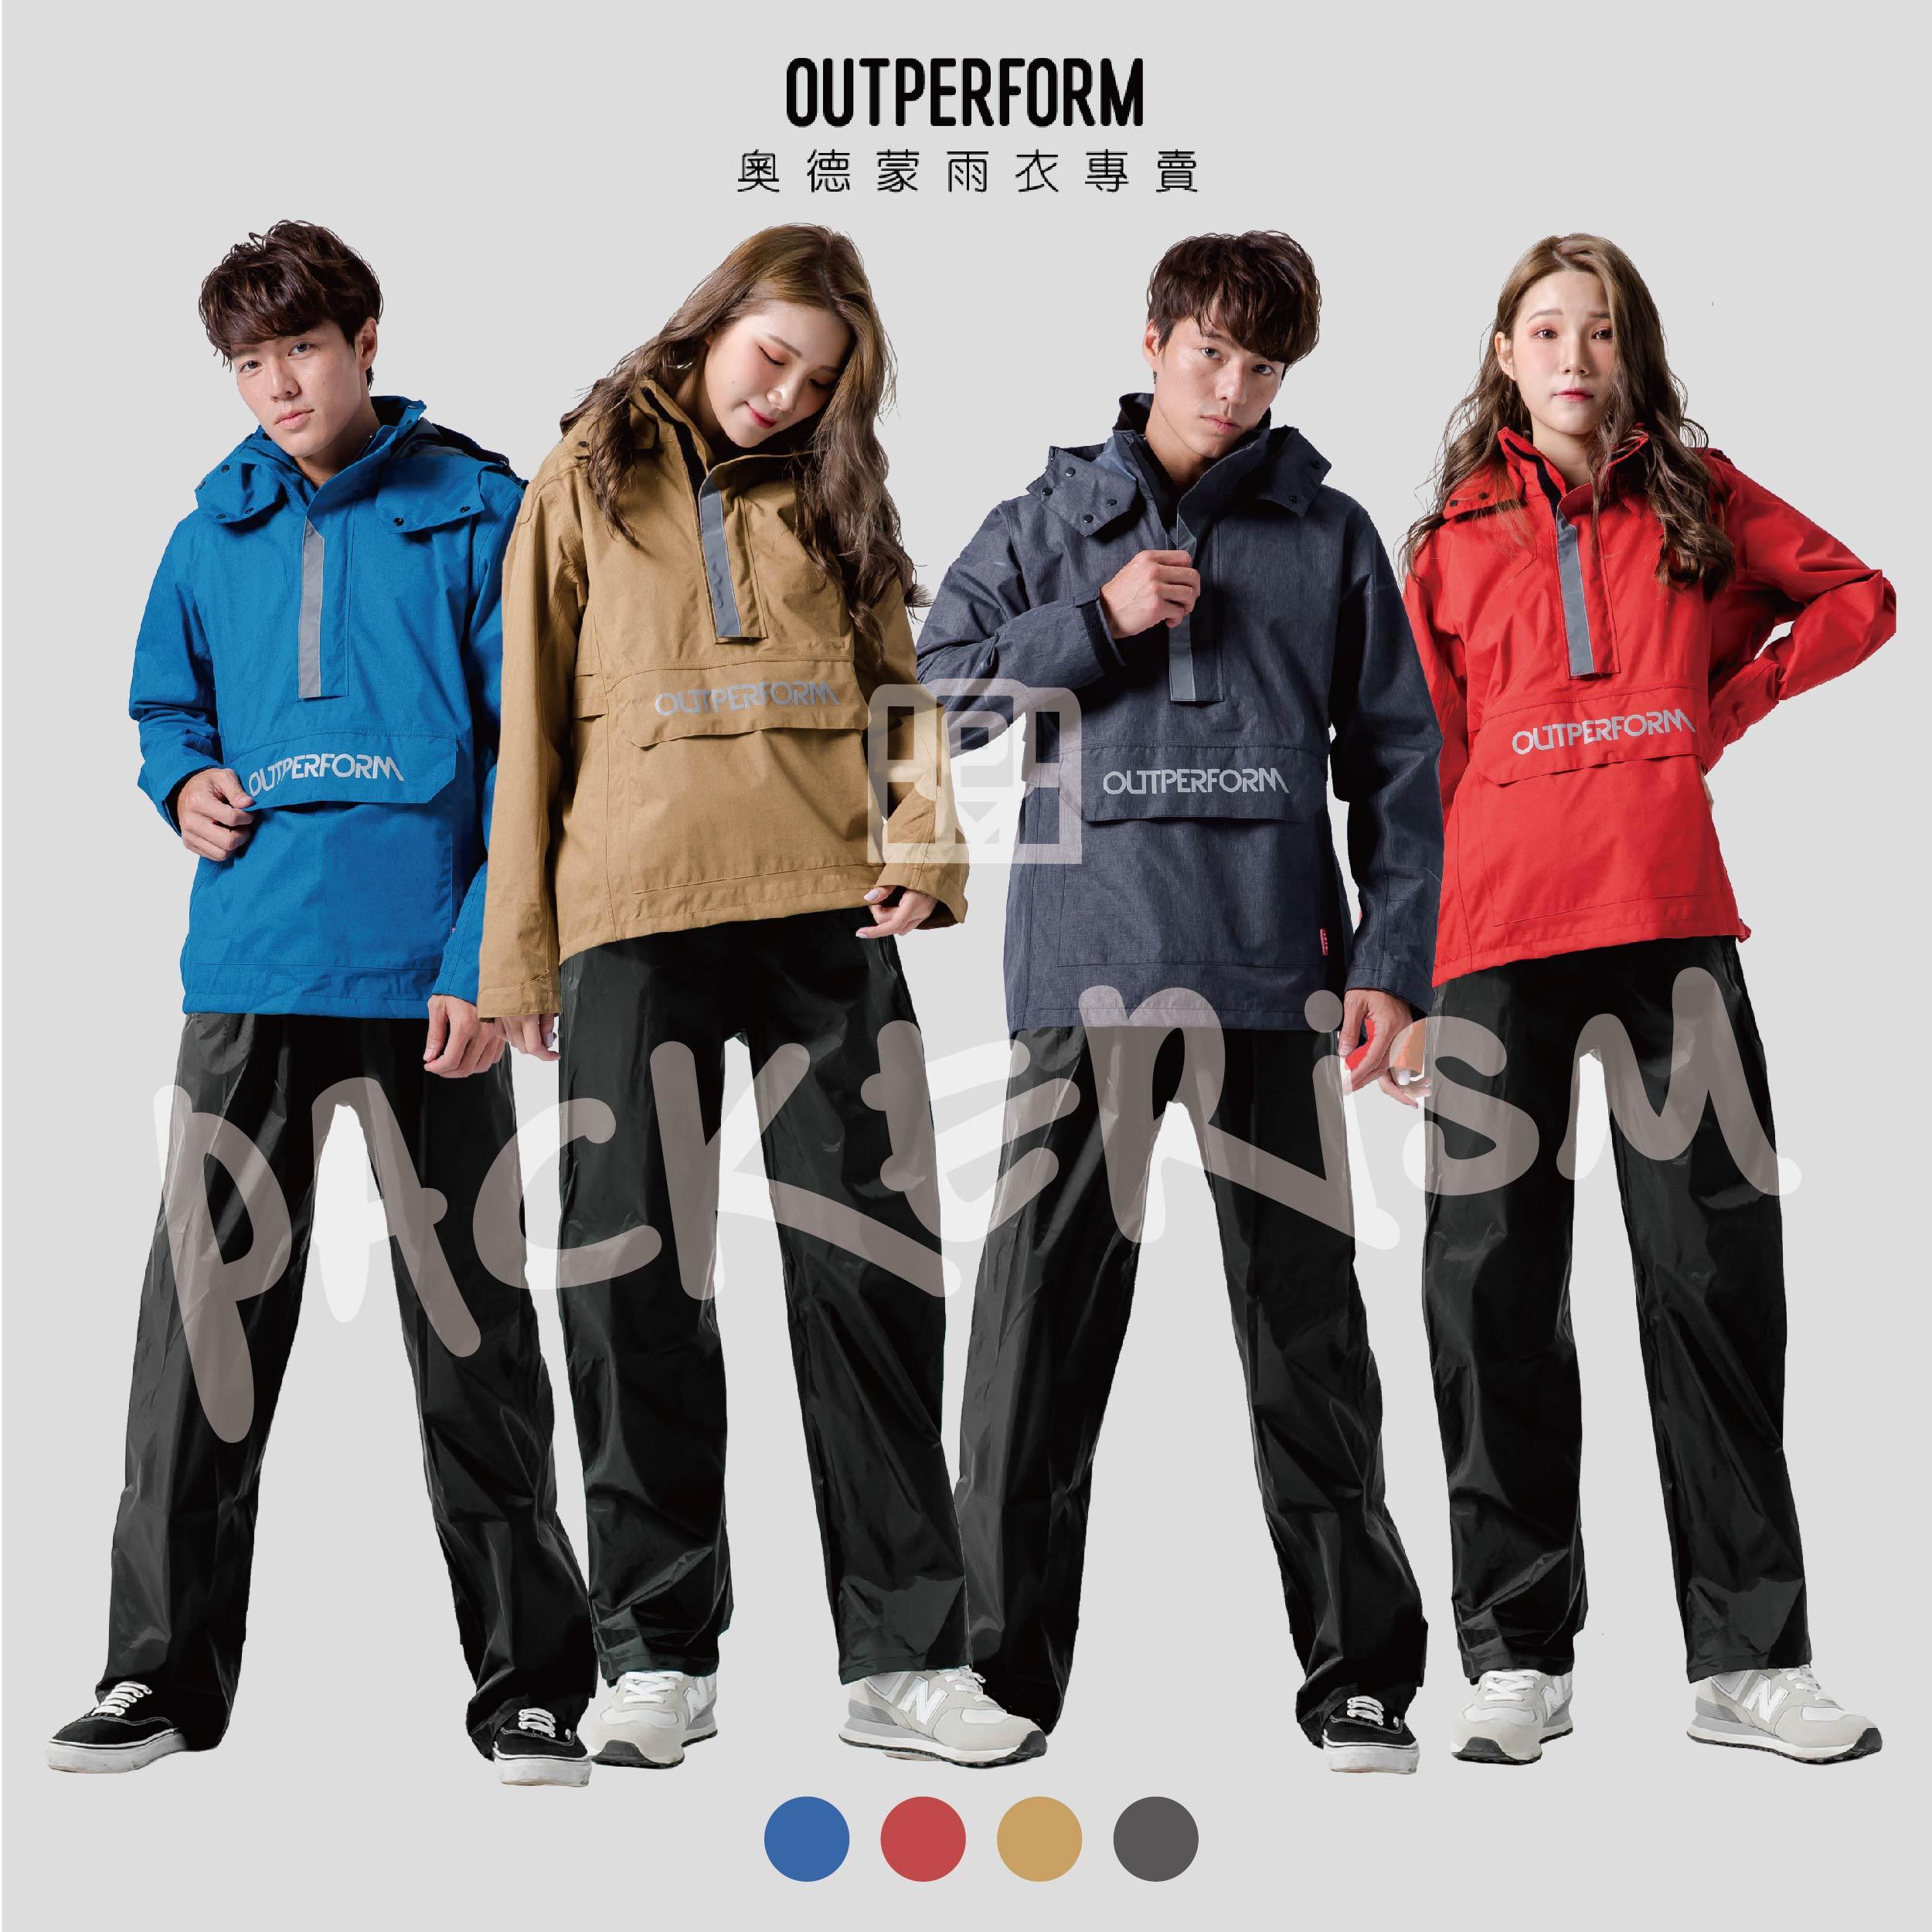 揹客 Packerism 套式背包款衝鋒雨衣搭配黑色尼龍雨褲